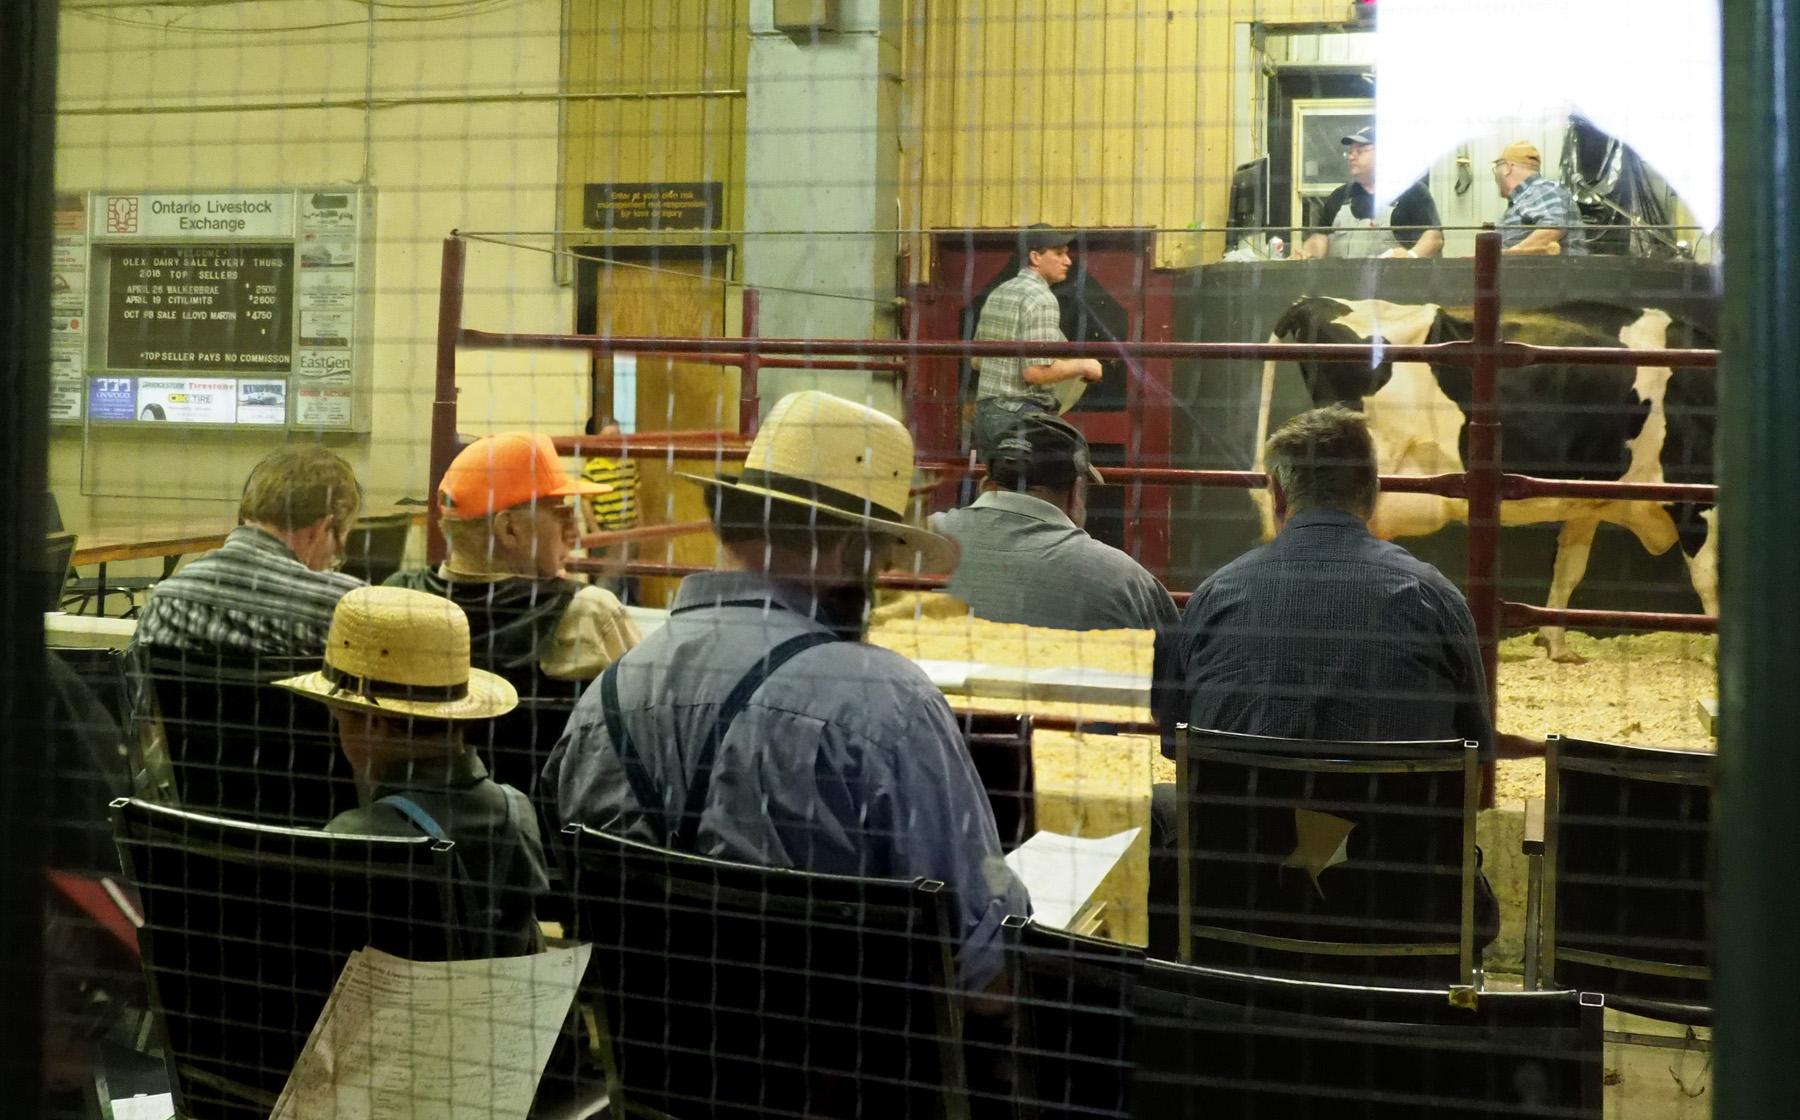 Viehversteigerung Farmer's Market